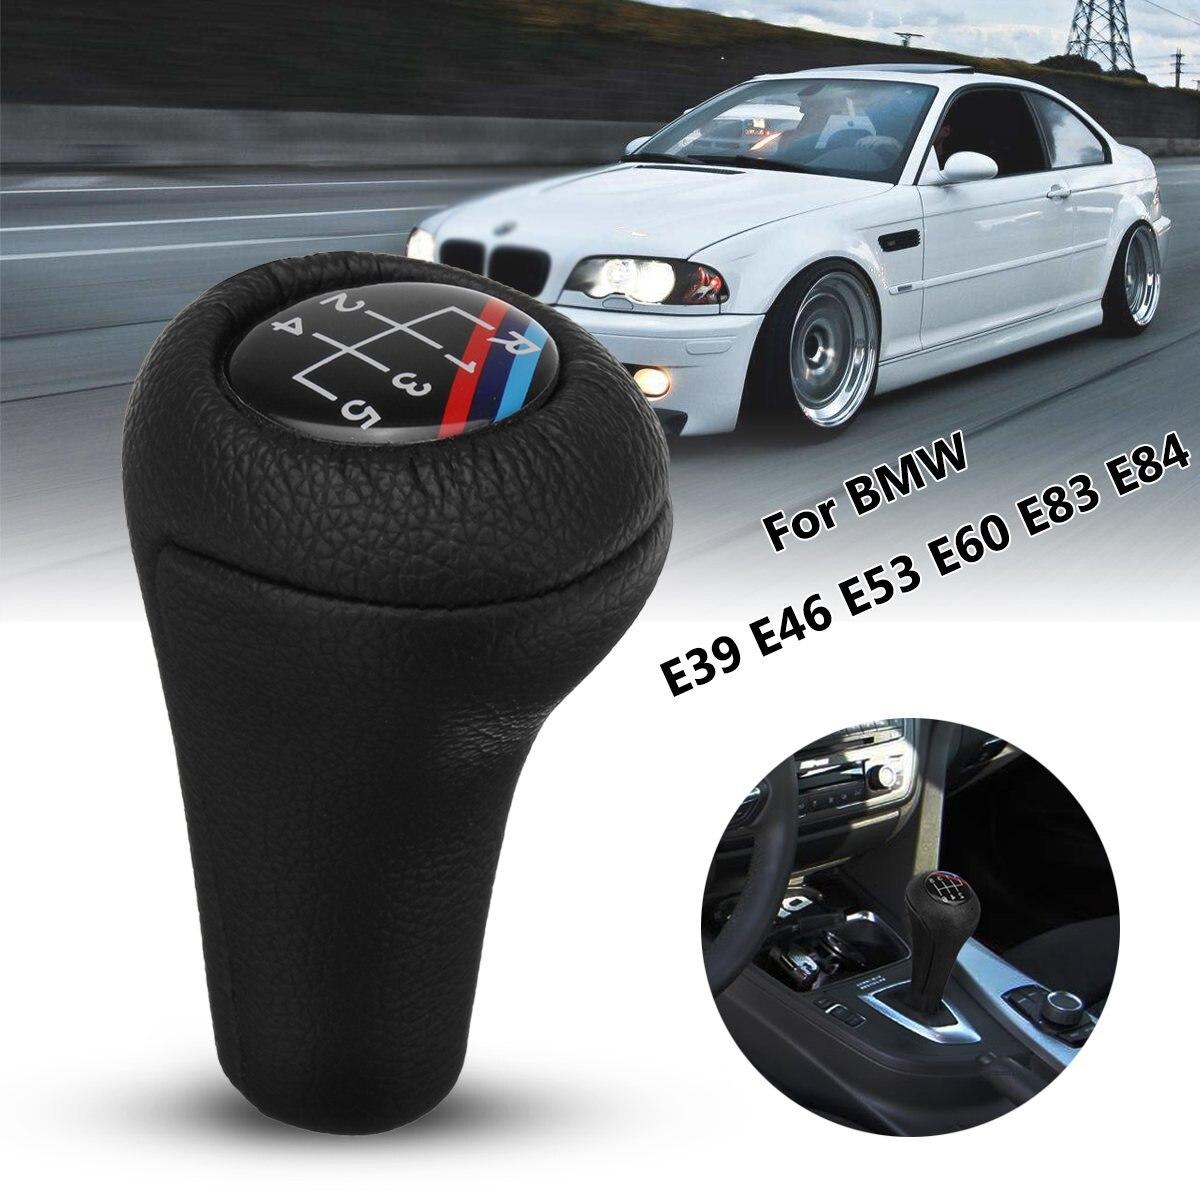 1995-2001 BMW E38 740iL 750iL 740 750 OEM SIDE WINDOW TRIM SUN SHADE KIT HOOKS